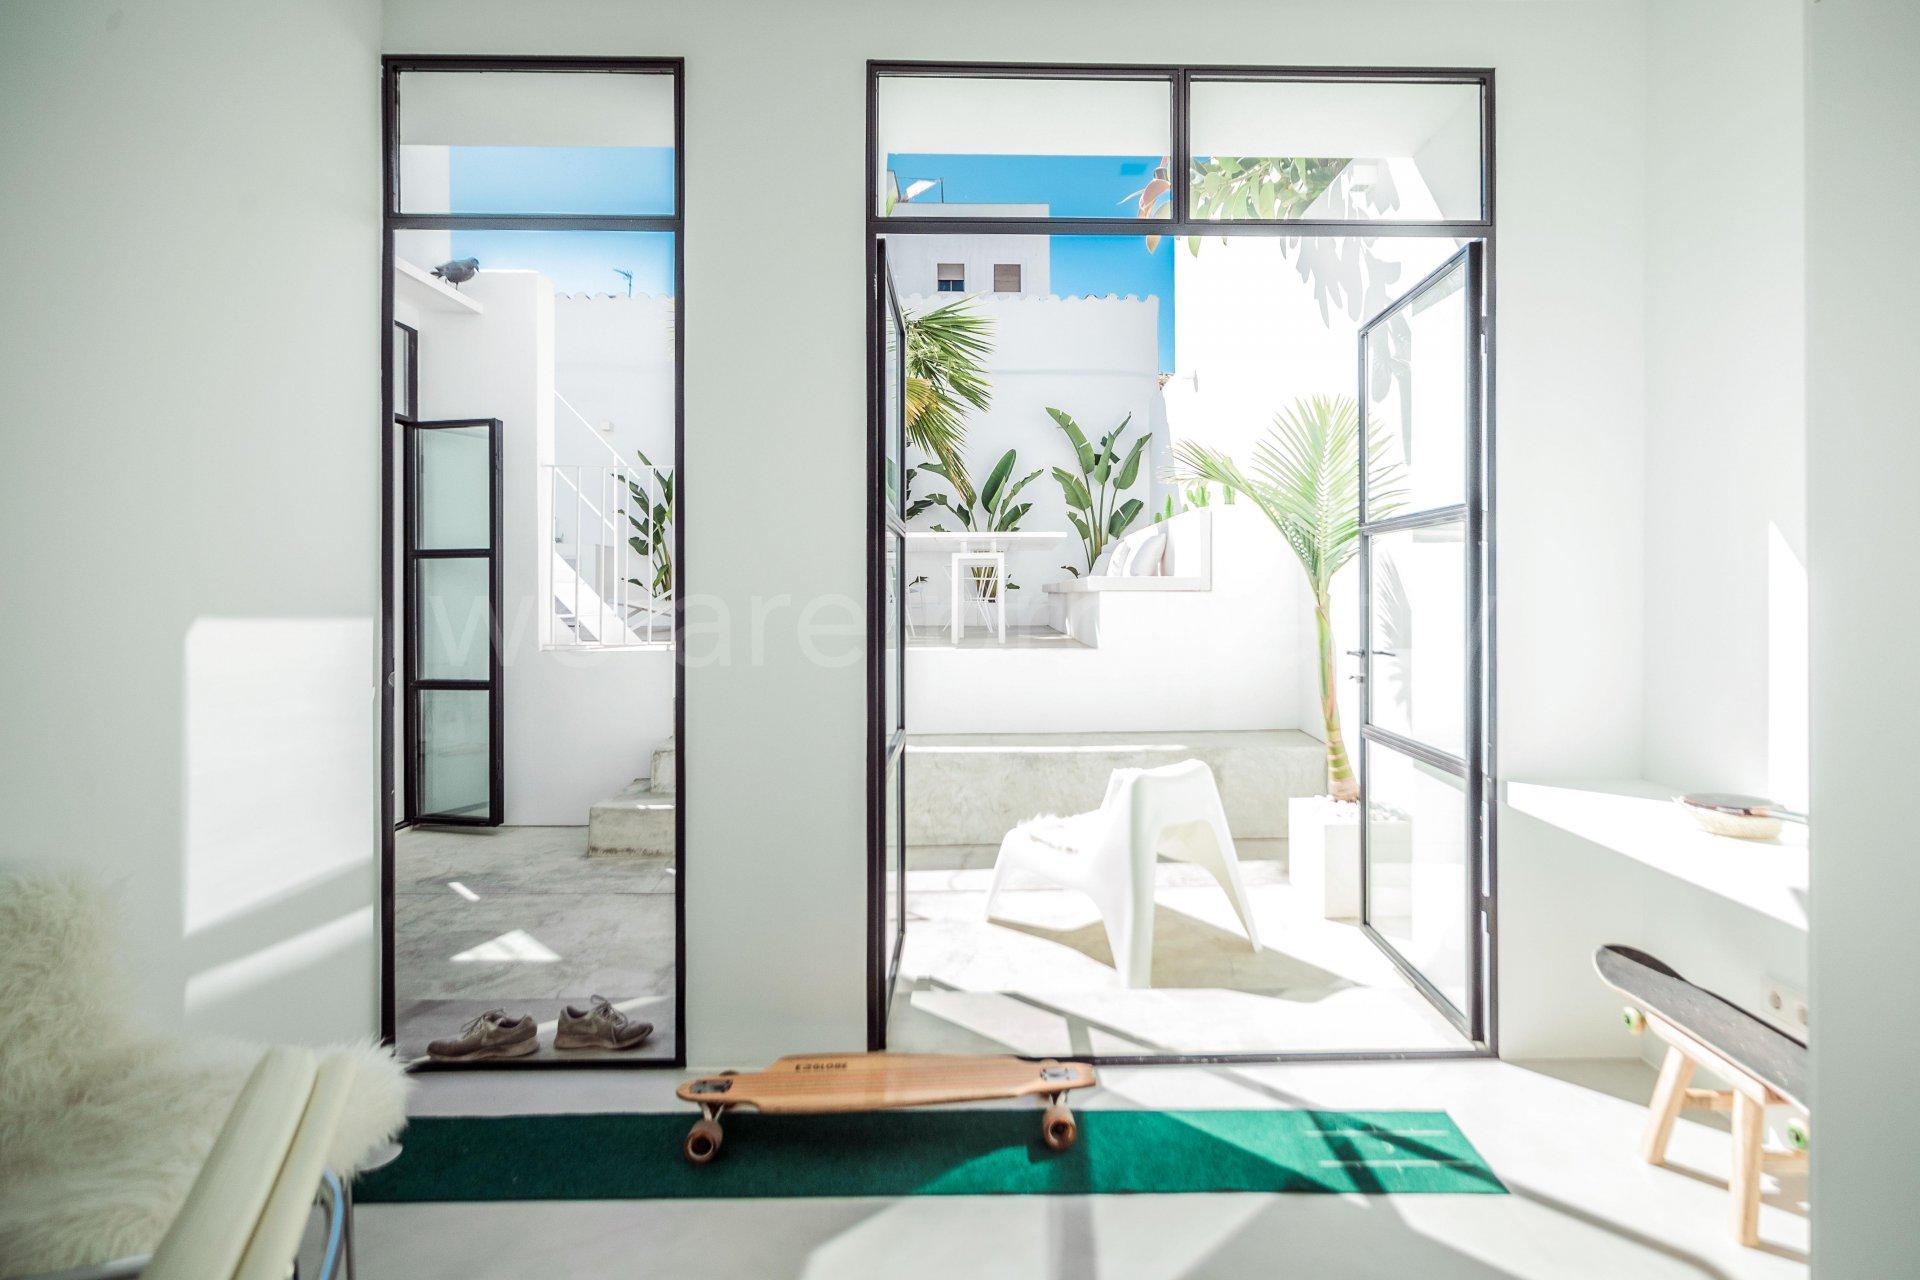 Försäljning Radhus - Palma de Mallorca Santa Catalina - Spanien